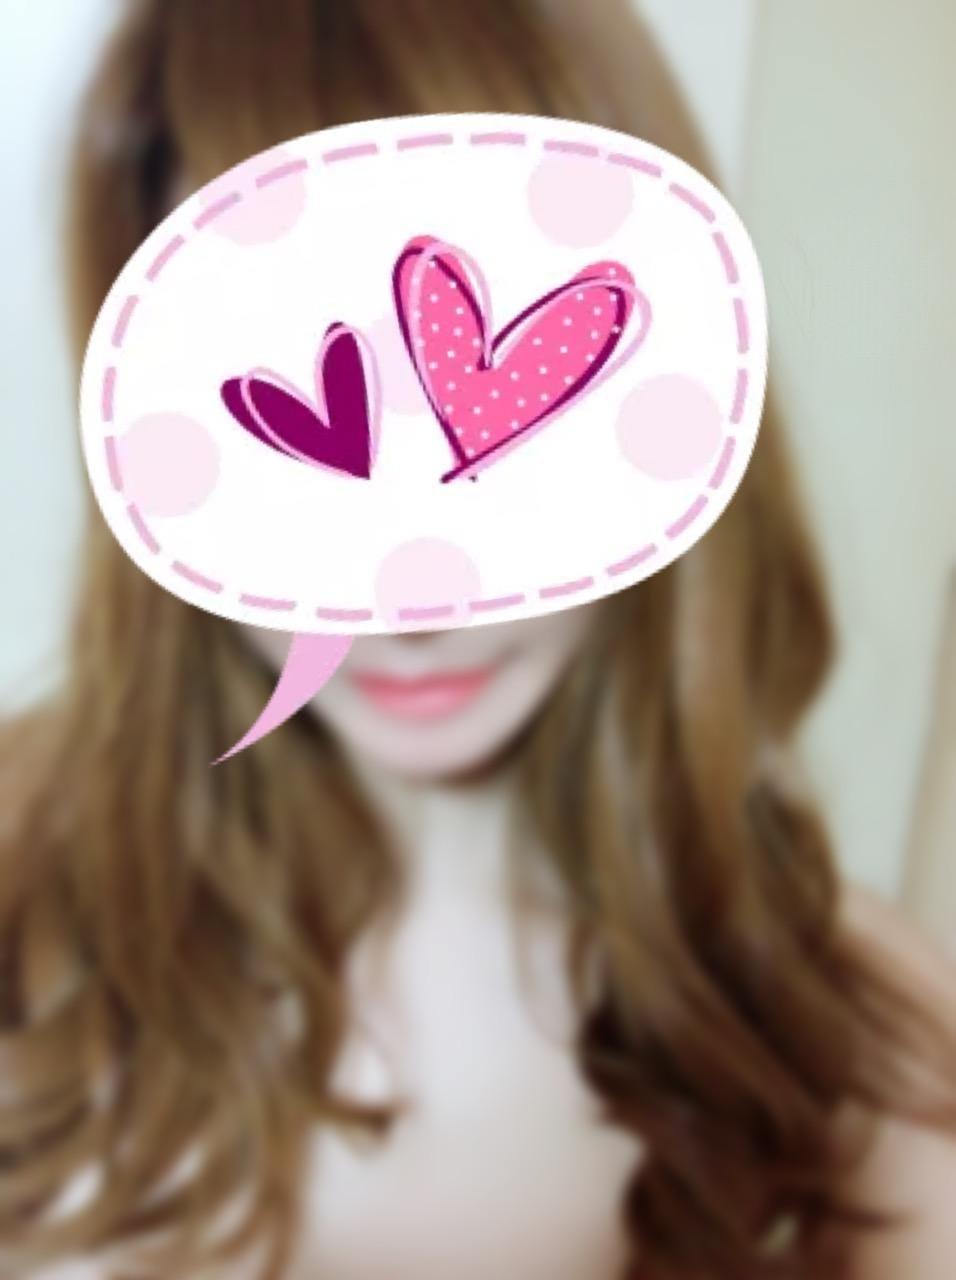 みれい「みれいです」07/22(日) 04:17   みれいの写メ・風俗動画